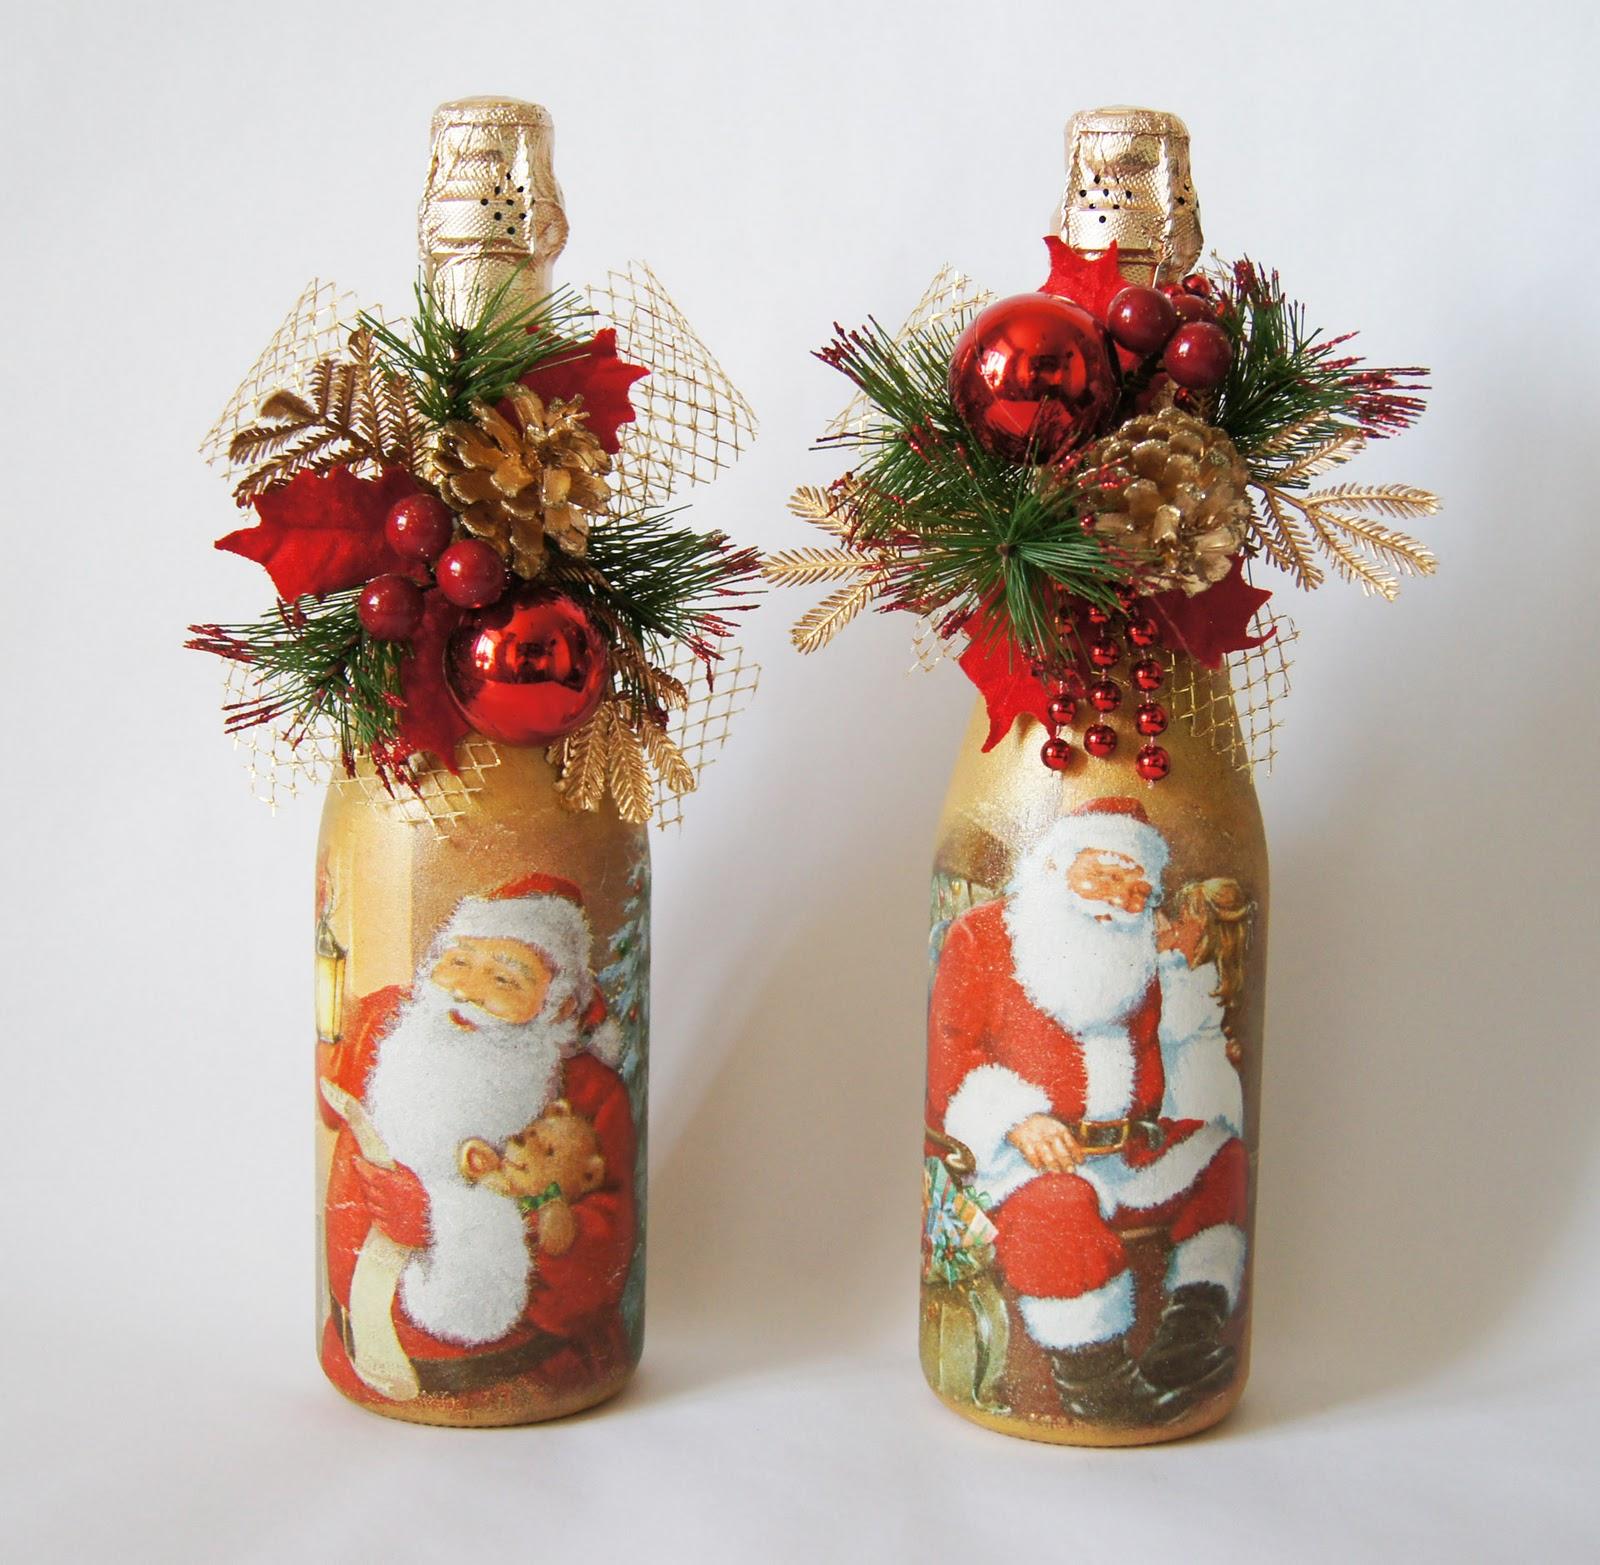 Как сделать новогоднюю бутылку шампанского фото 323